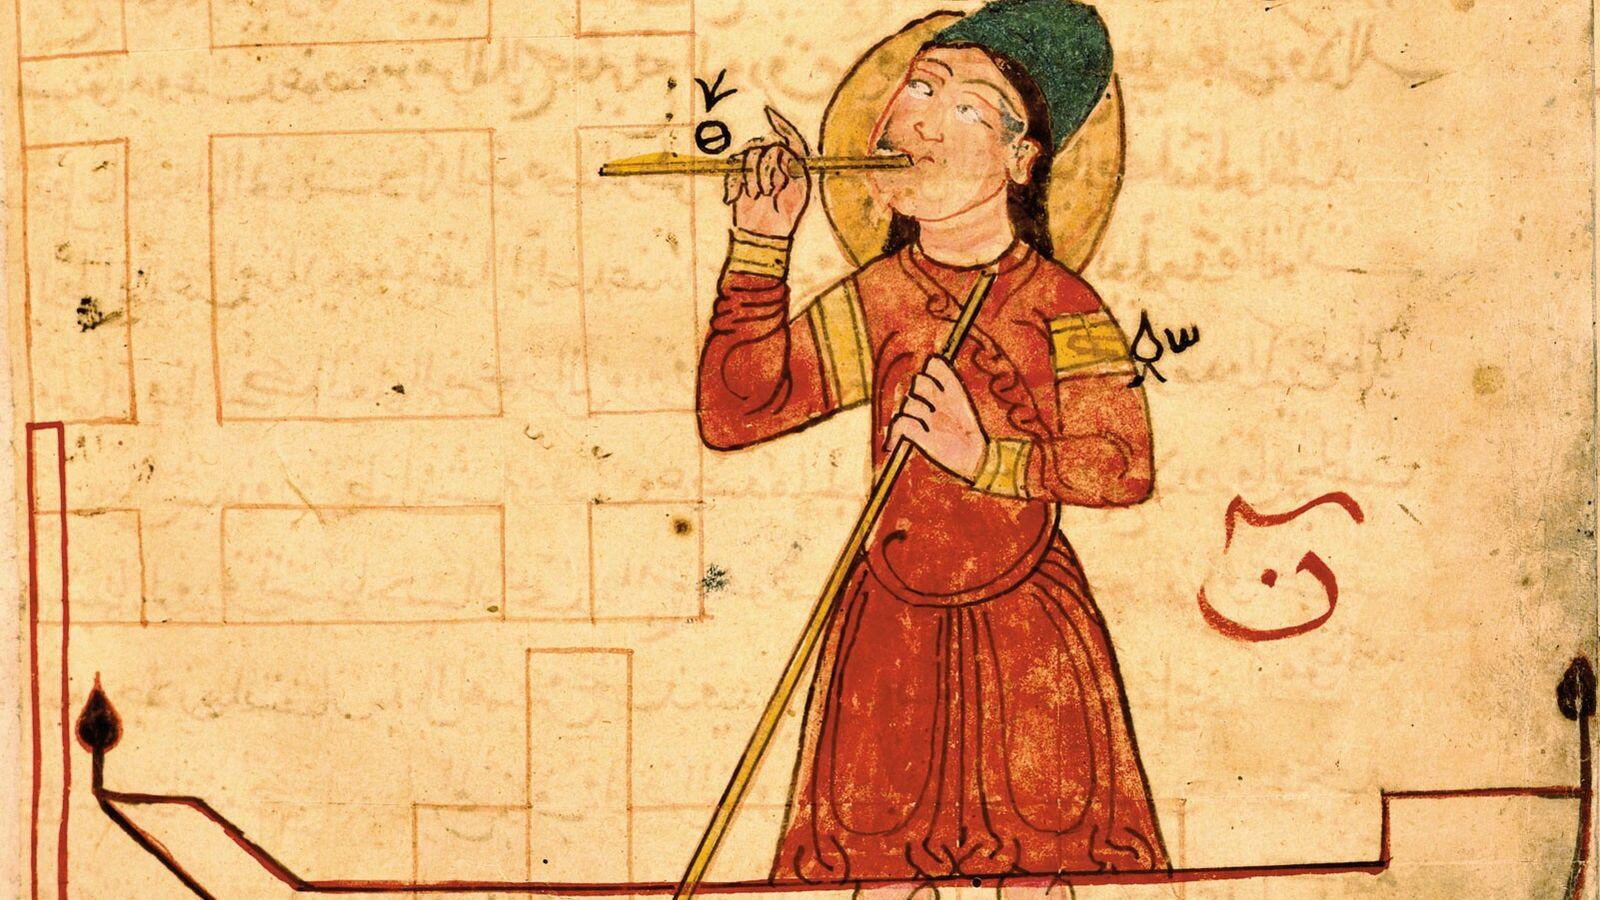 Cette miniature tirée du Livre de la connaissance d'Al-Jazari représente un flûtiste automate fonctionnant à l'eau, ...